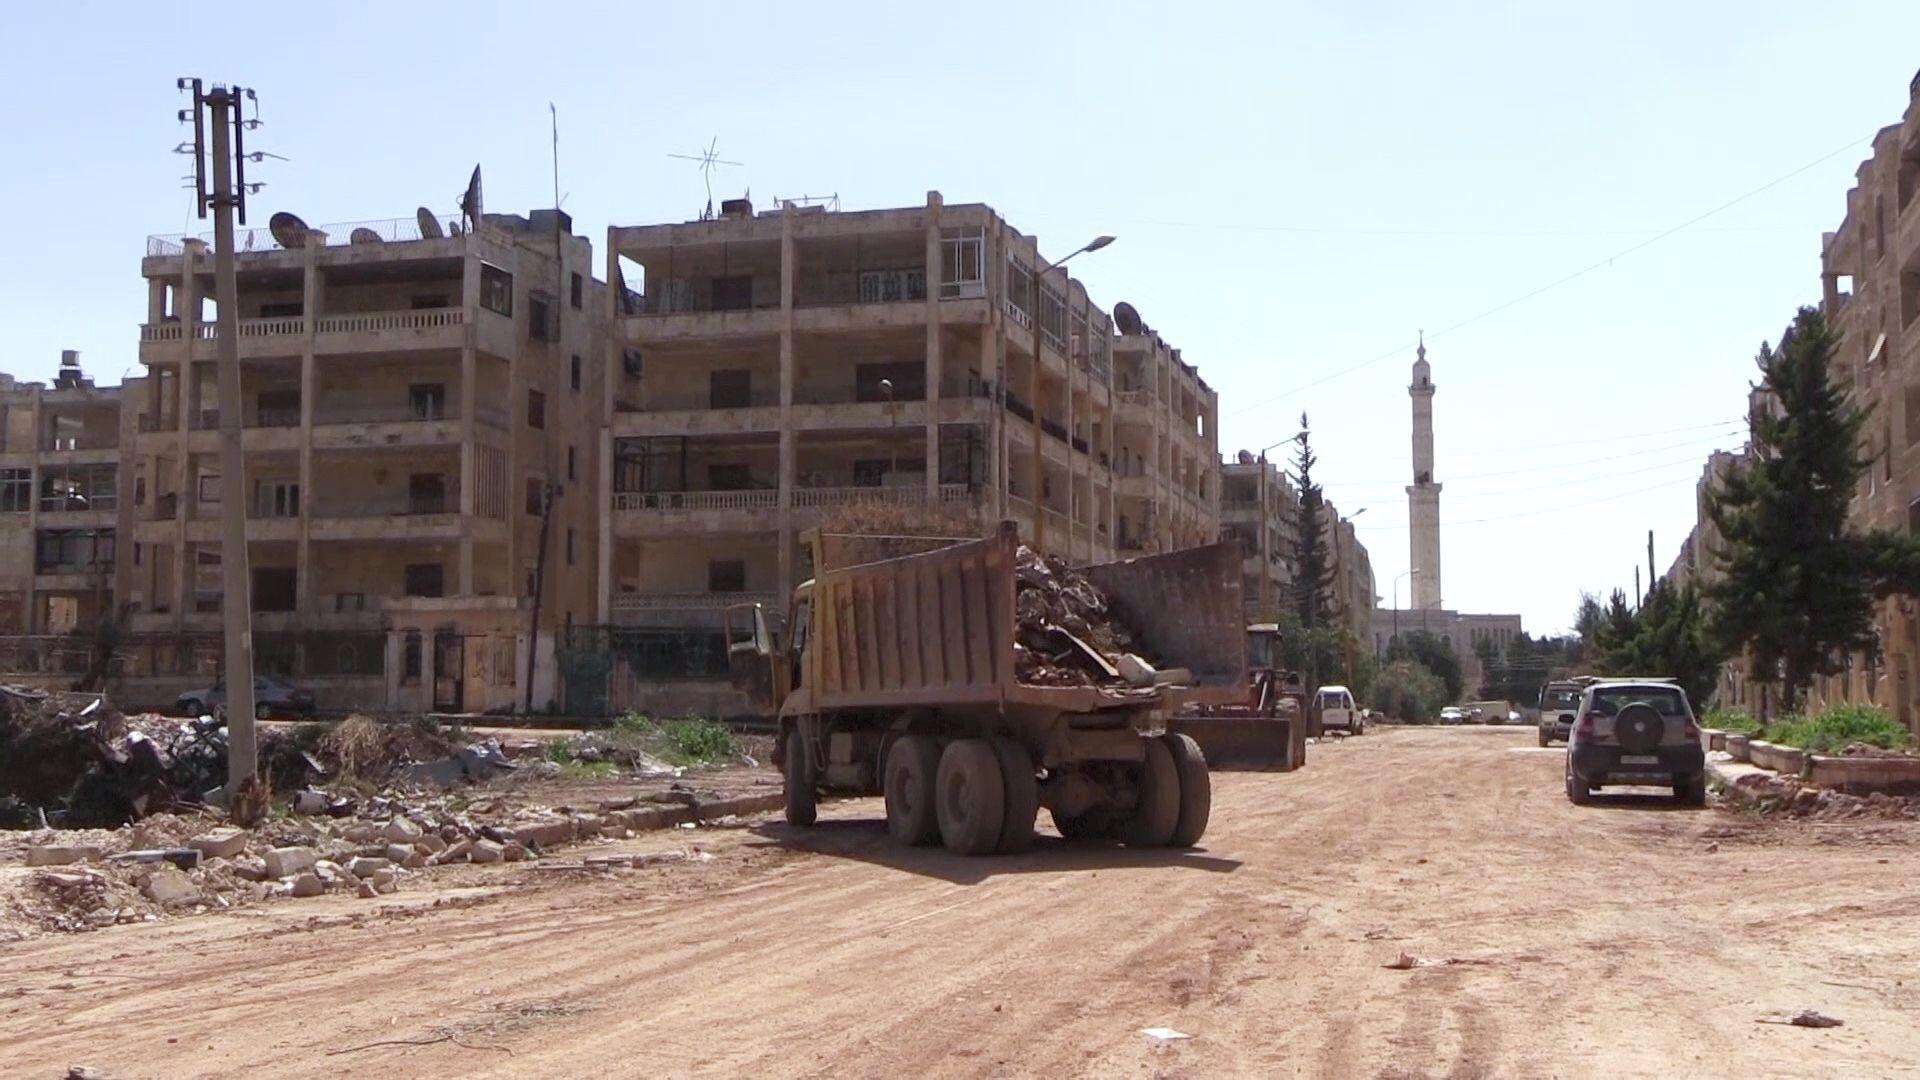 Район Эль-Хамдания на окраине сирийского города Алеппо - Sputnik Армения, 1920, 26.09.2021